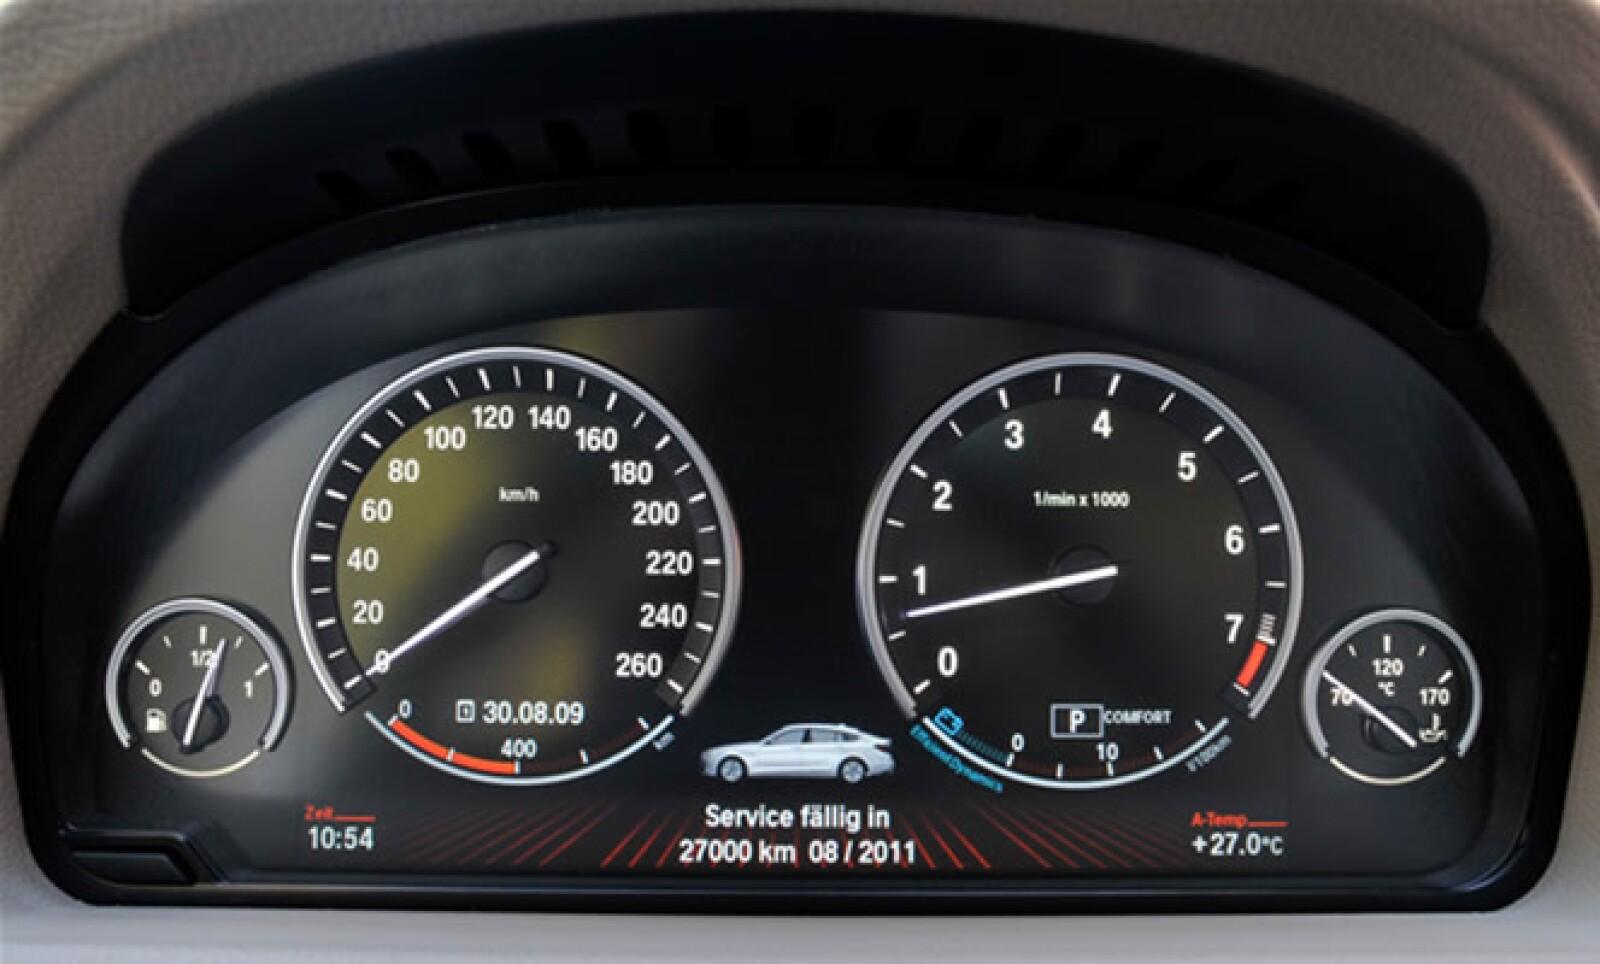 Cuenta con una aceleración de 0–100 km/h  en 6.3 segundos, y su velocidad máxima es de 250 km/h.